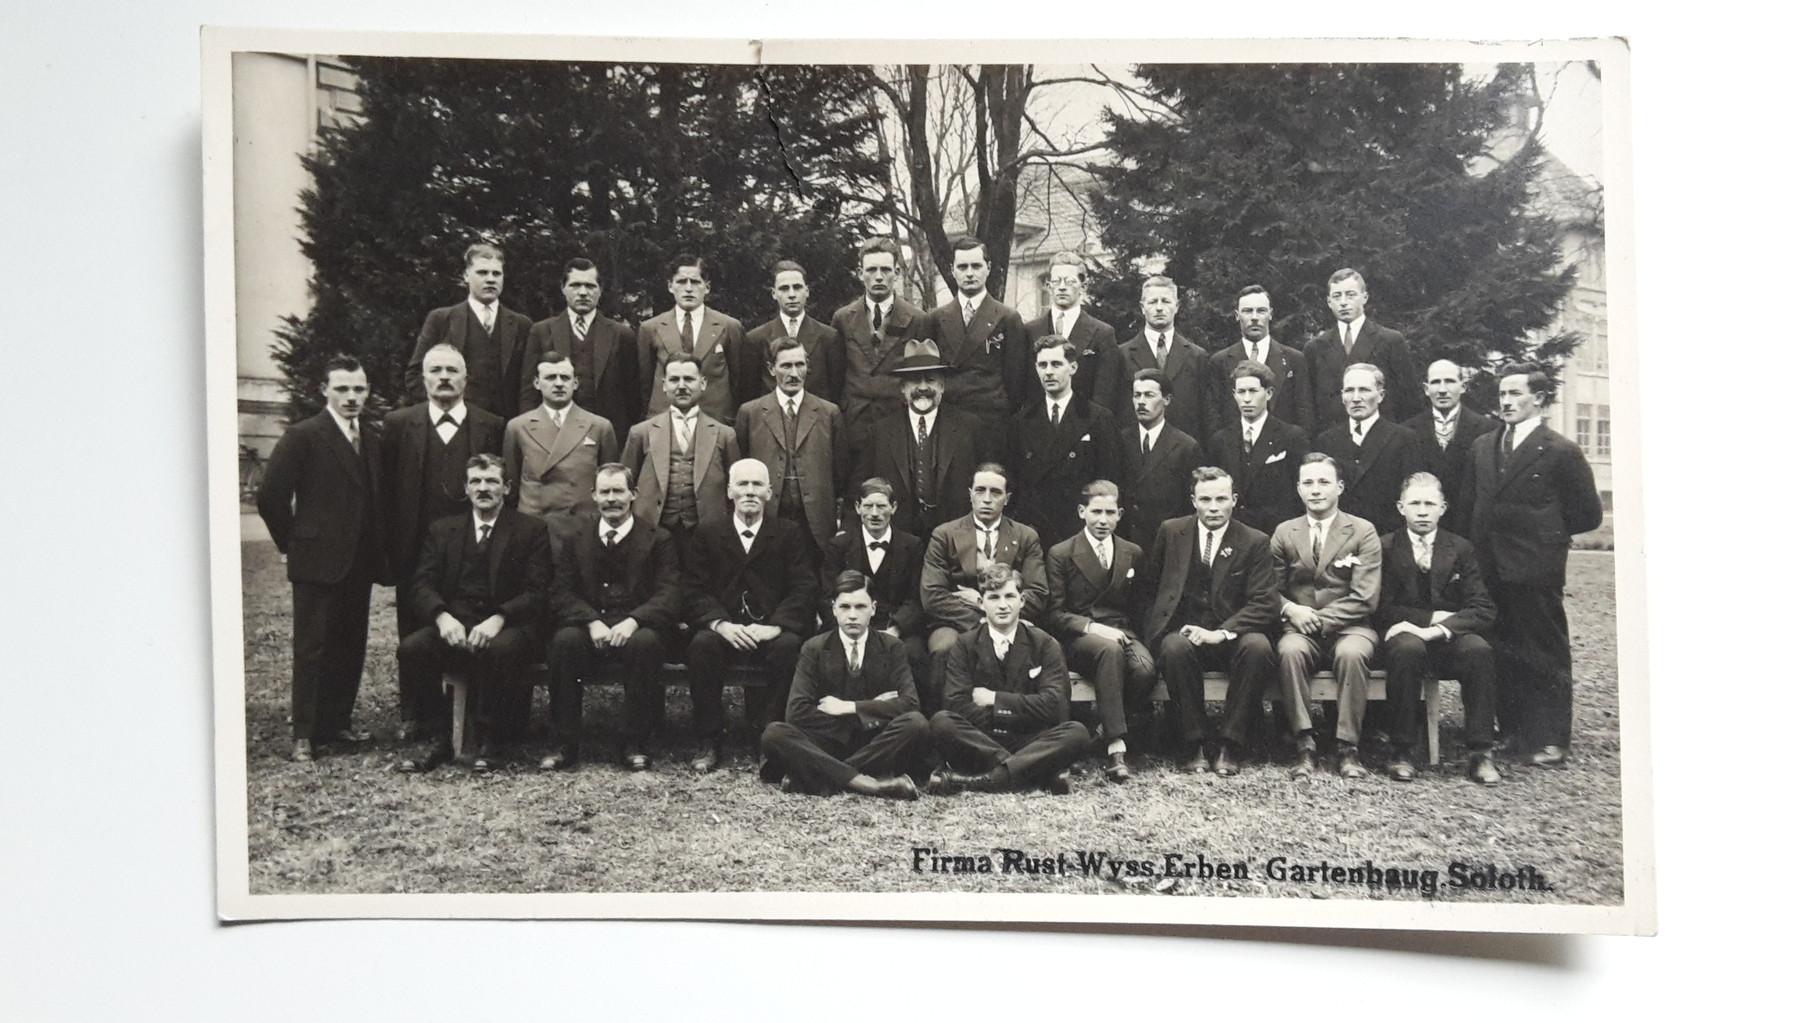 Mitarbeiter im März 1932